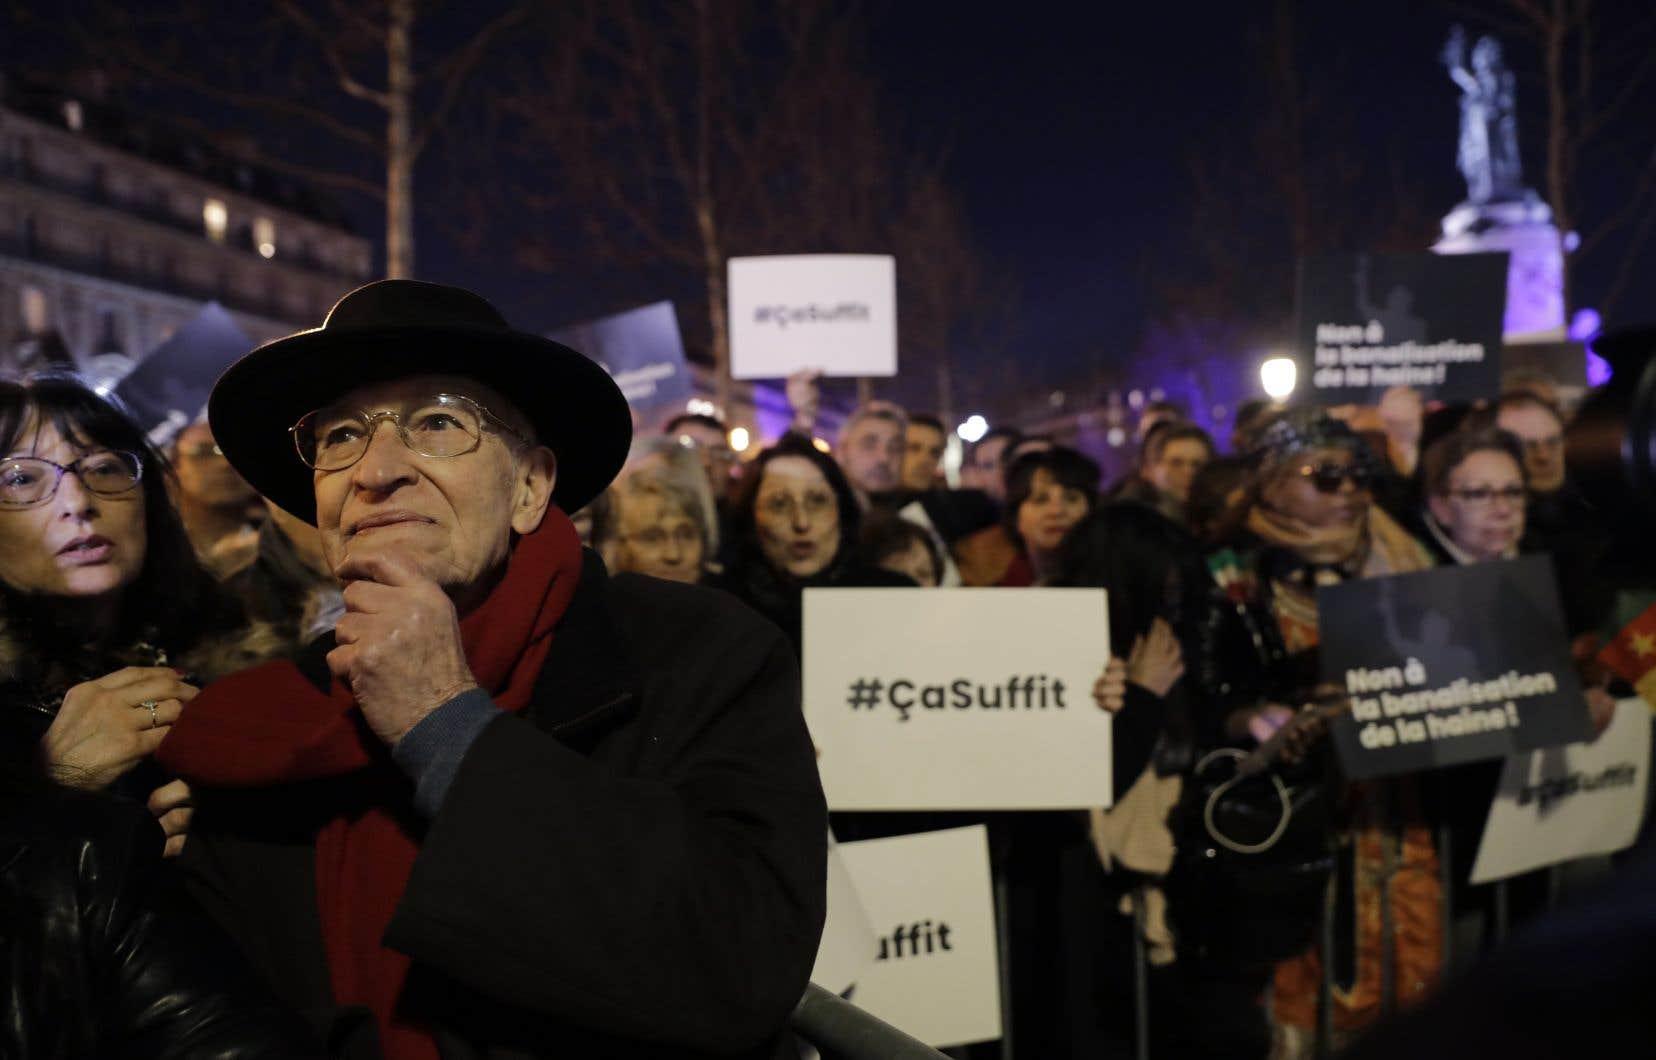 À Paris, c'est à la place de la République qu'affluait une large foule portant des pancartes «Non à la banalisation de la haine» ou «Ça suffit !».